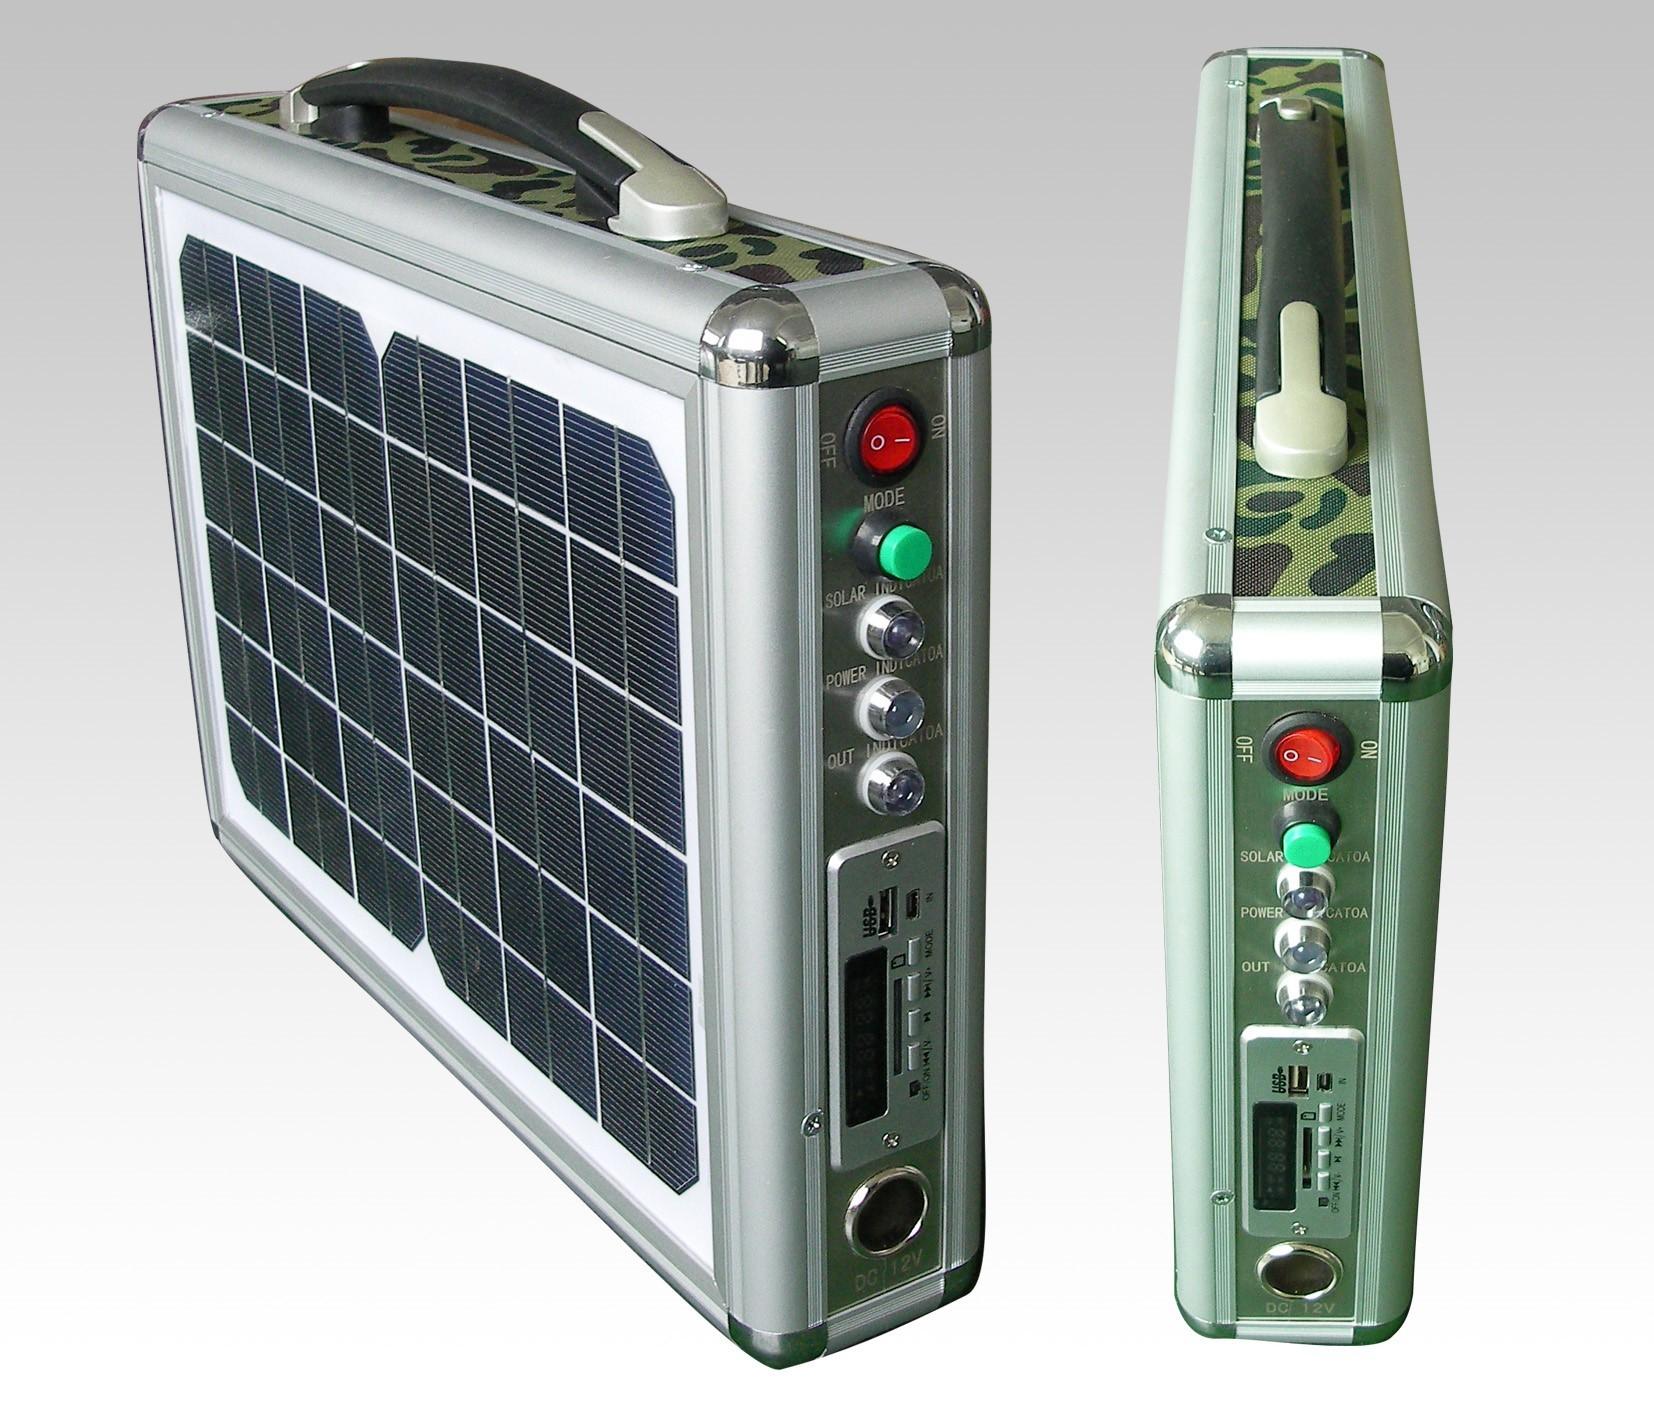 Draagbare 12V stroomgenerator op zon energie 10 watt